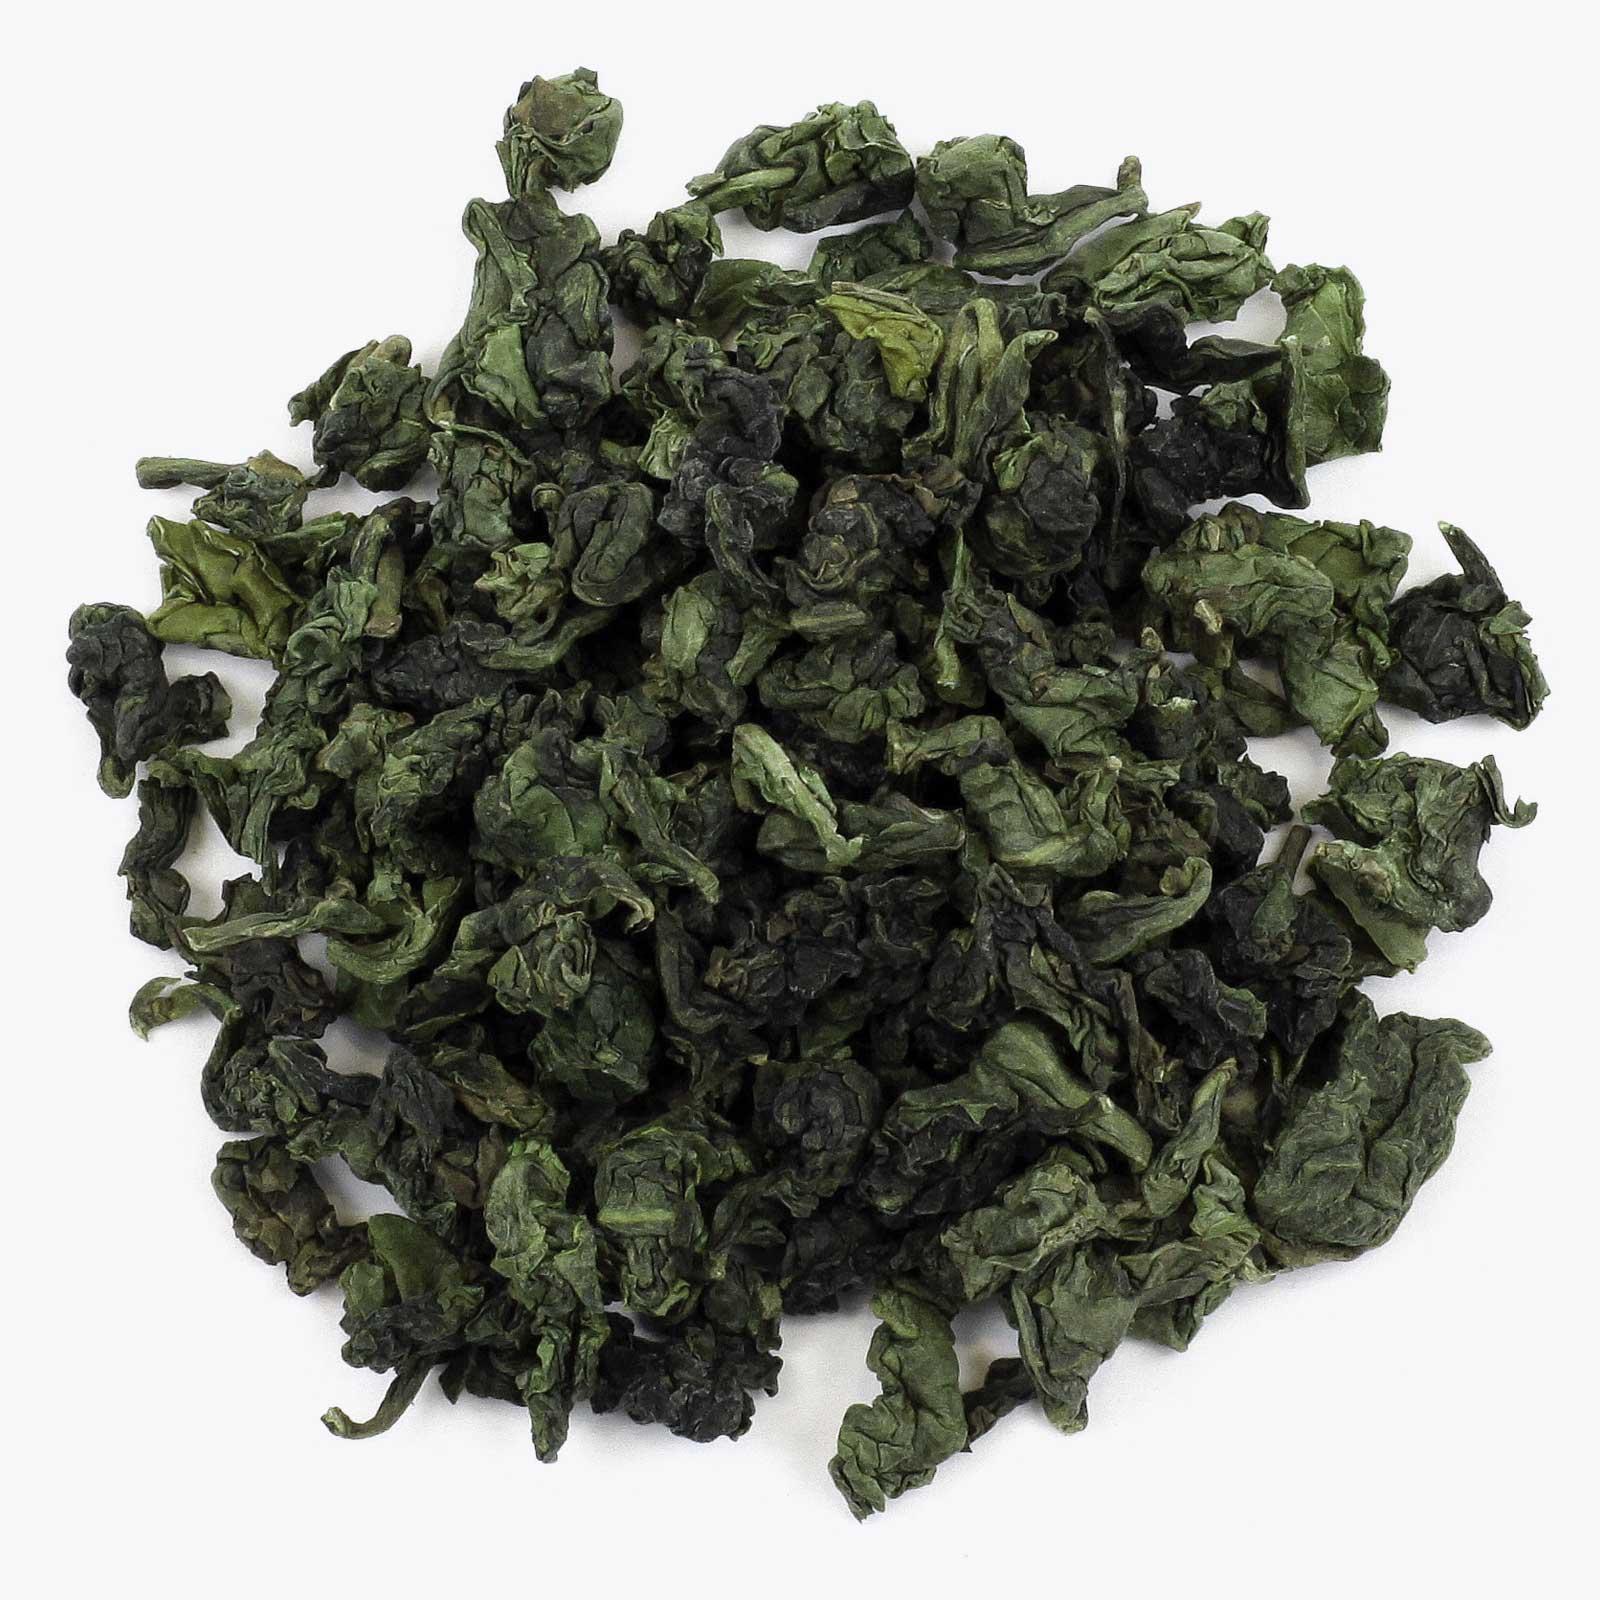 các loại nguyên liệu làm trà sữa cơ bản tại nhà các loại nguyên liệu làm trà sữa cơ bản tại nhà Các loại nguyên liệu làm trà sữa cơ bản tại nhà bạn cần phải biết cac loai nguyen lieu lam tra sua co ban 2221